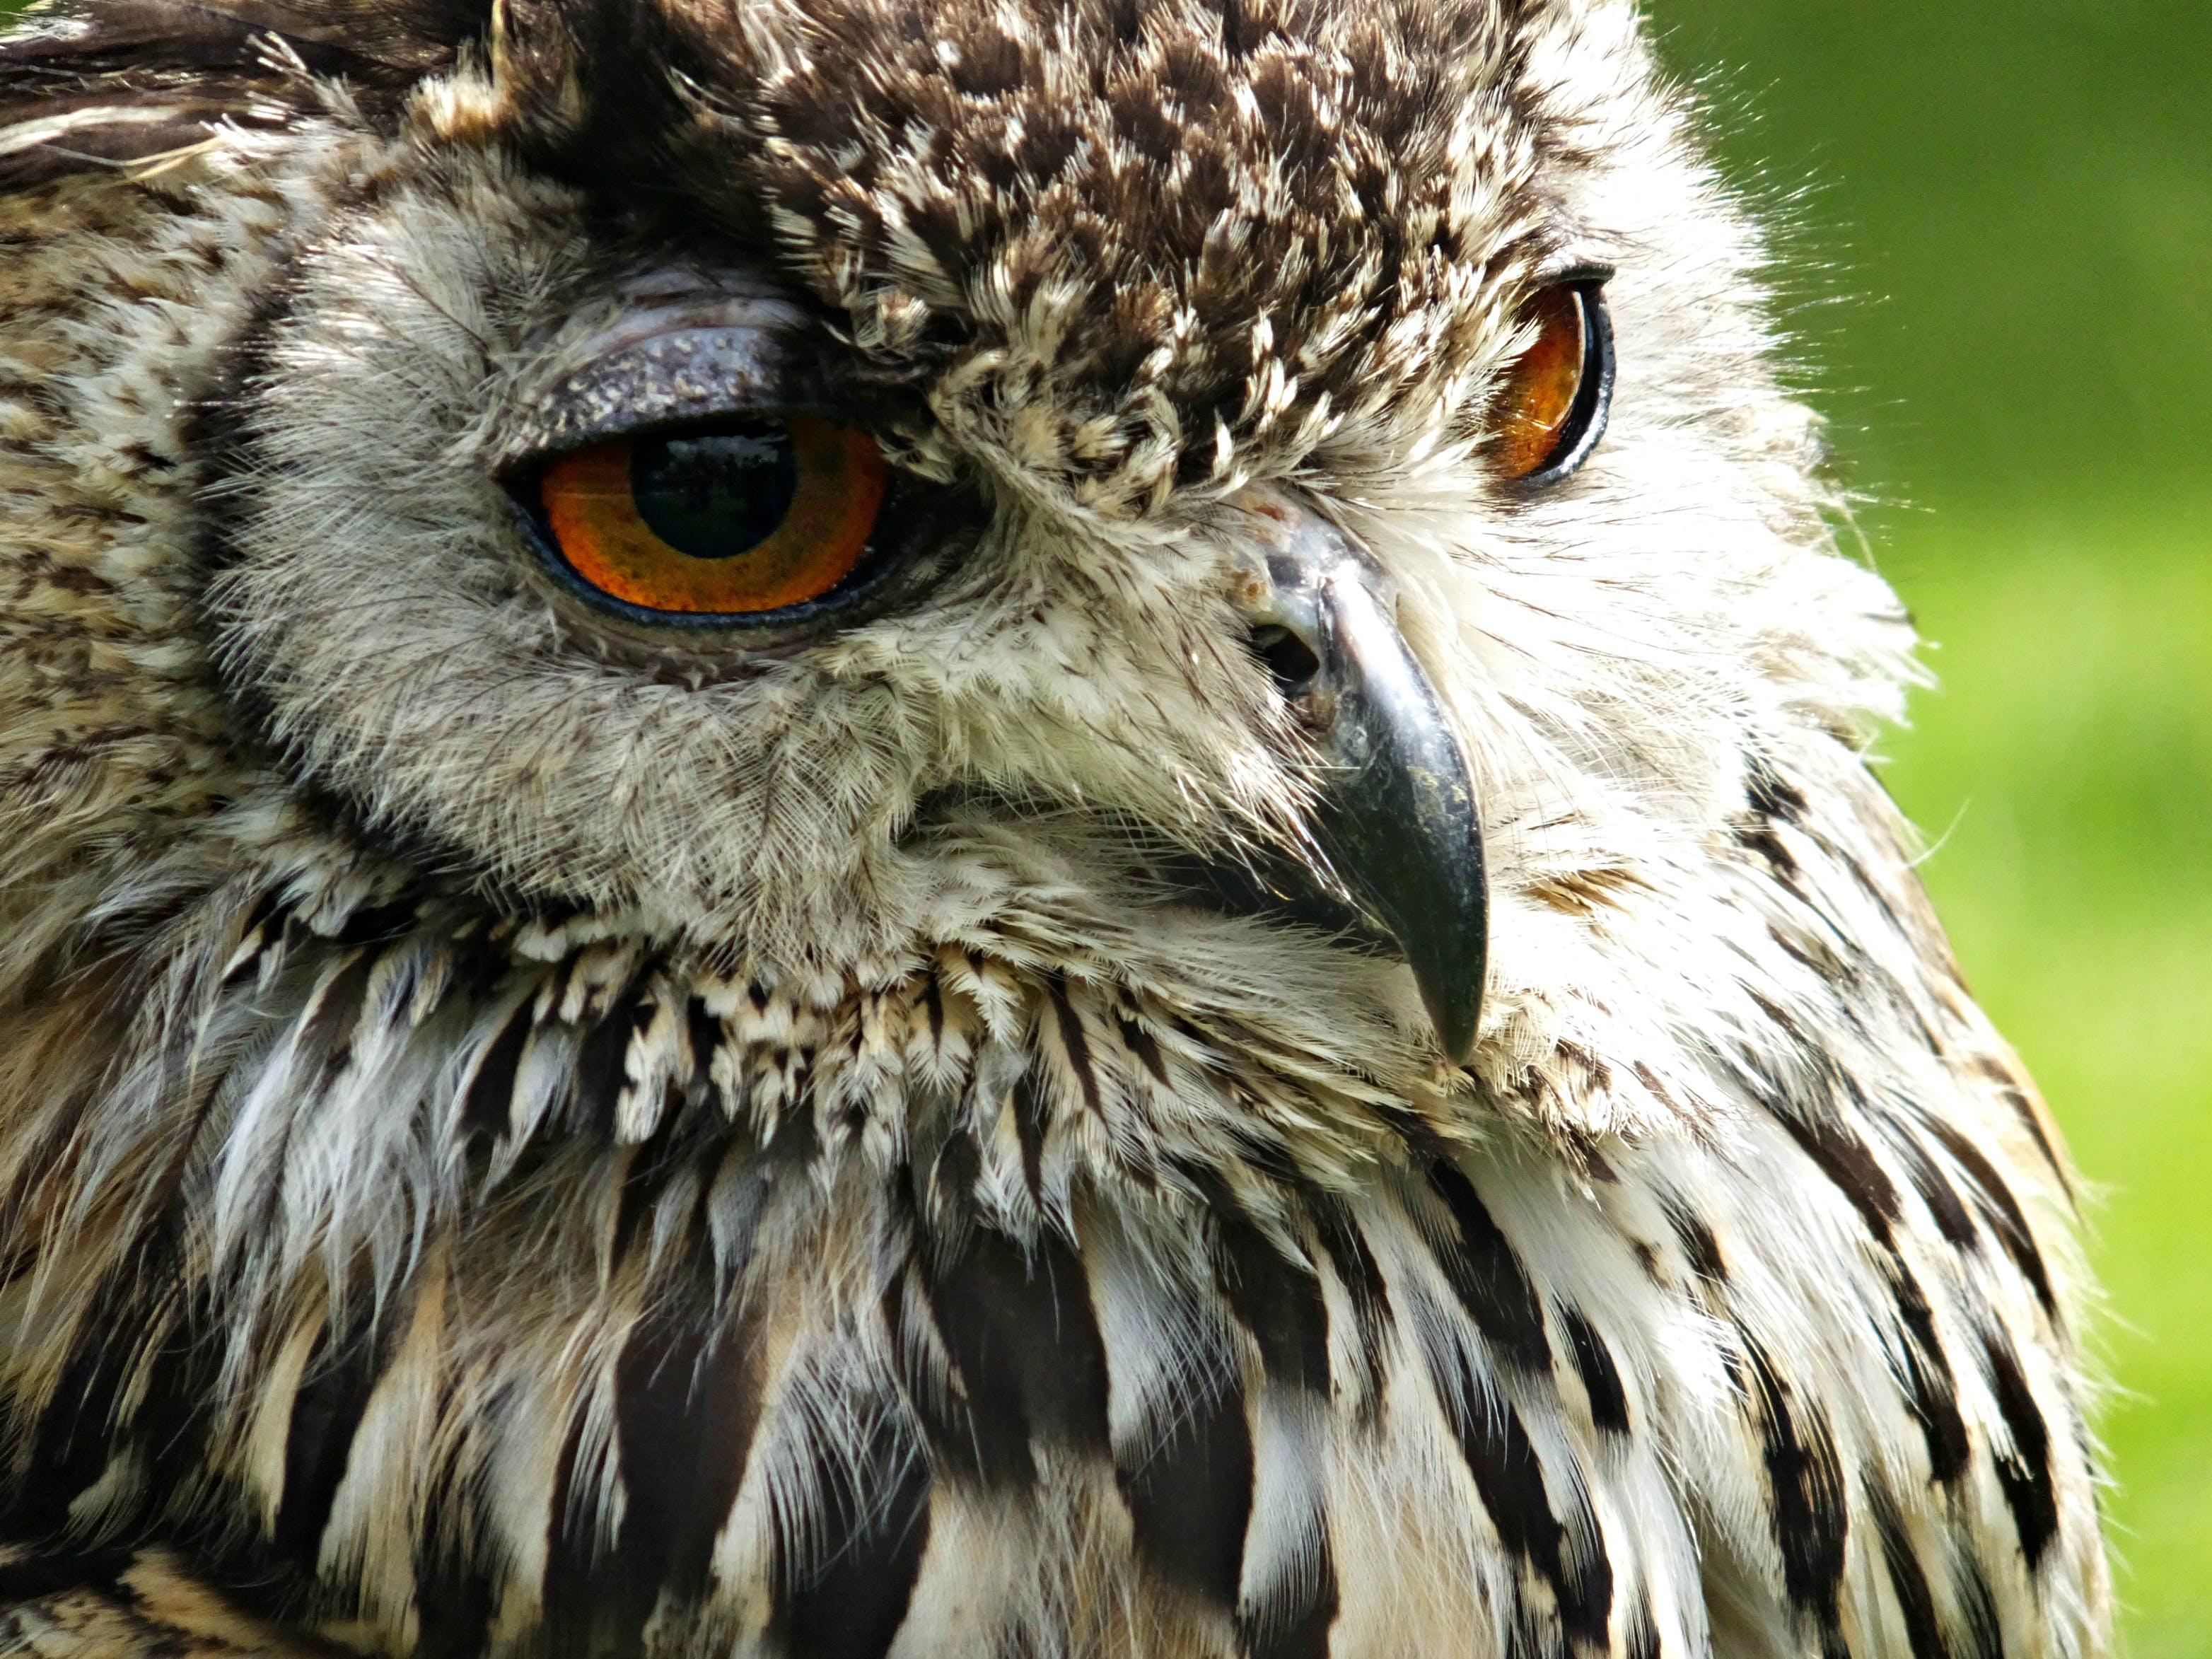 ふくろう, マクロ, 動物の無料の写真素材